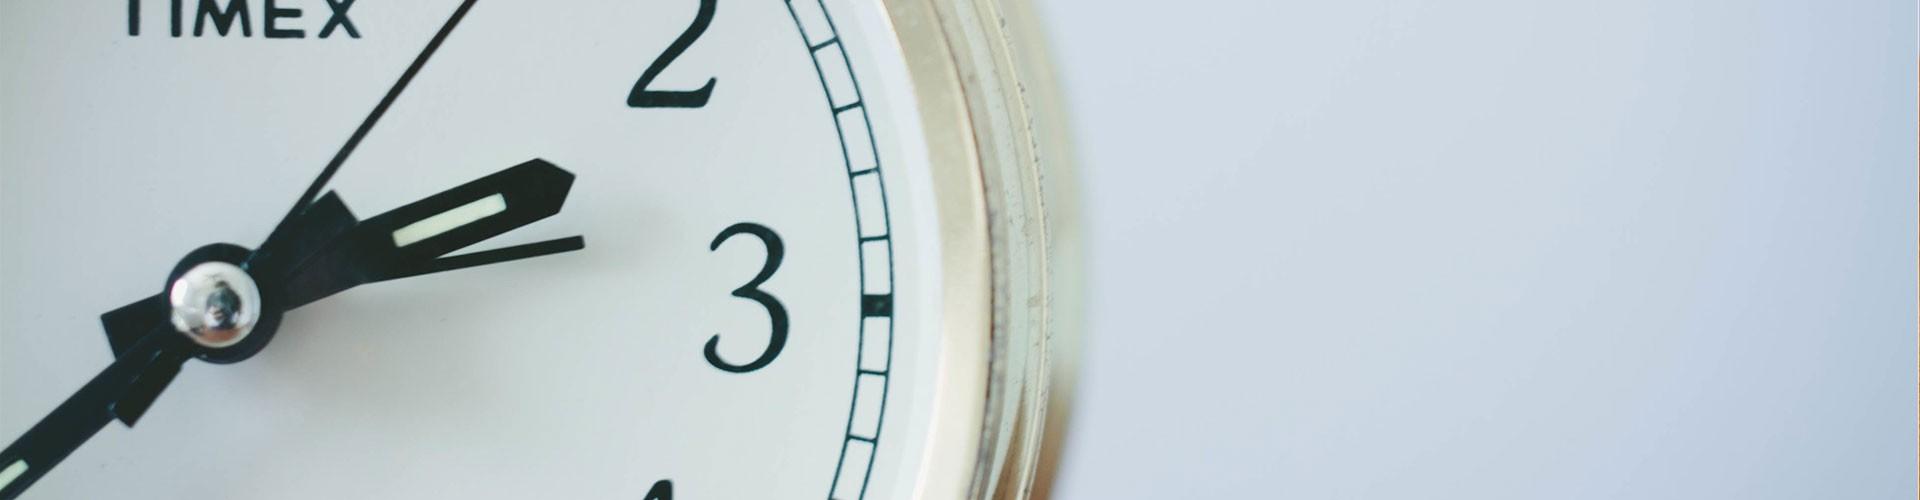 Szybkie CV: Napisz i pobierz CV online w 5 minut! (+20 szablonów)